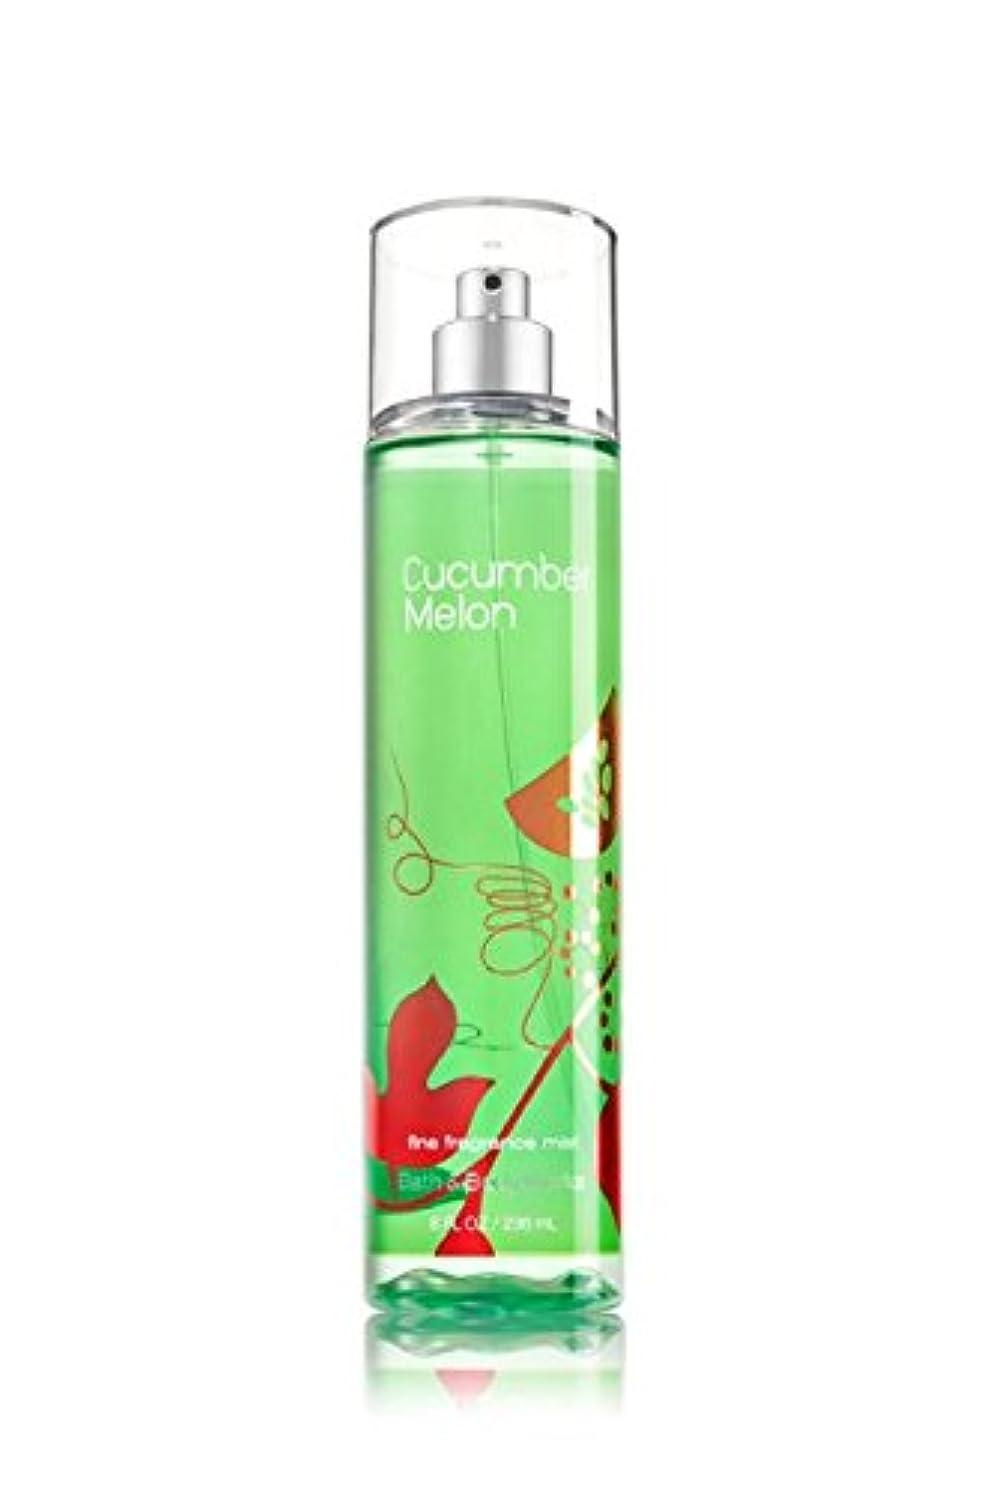 無関心ドキドキレイアウト【Bath&Body Works/バス&ボディワークス】 ファインフレグランスミスト キューカンバーメロン Fine Fragrance Mist Cucumber Melon 8oz (236ml) [並行輸入品]